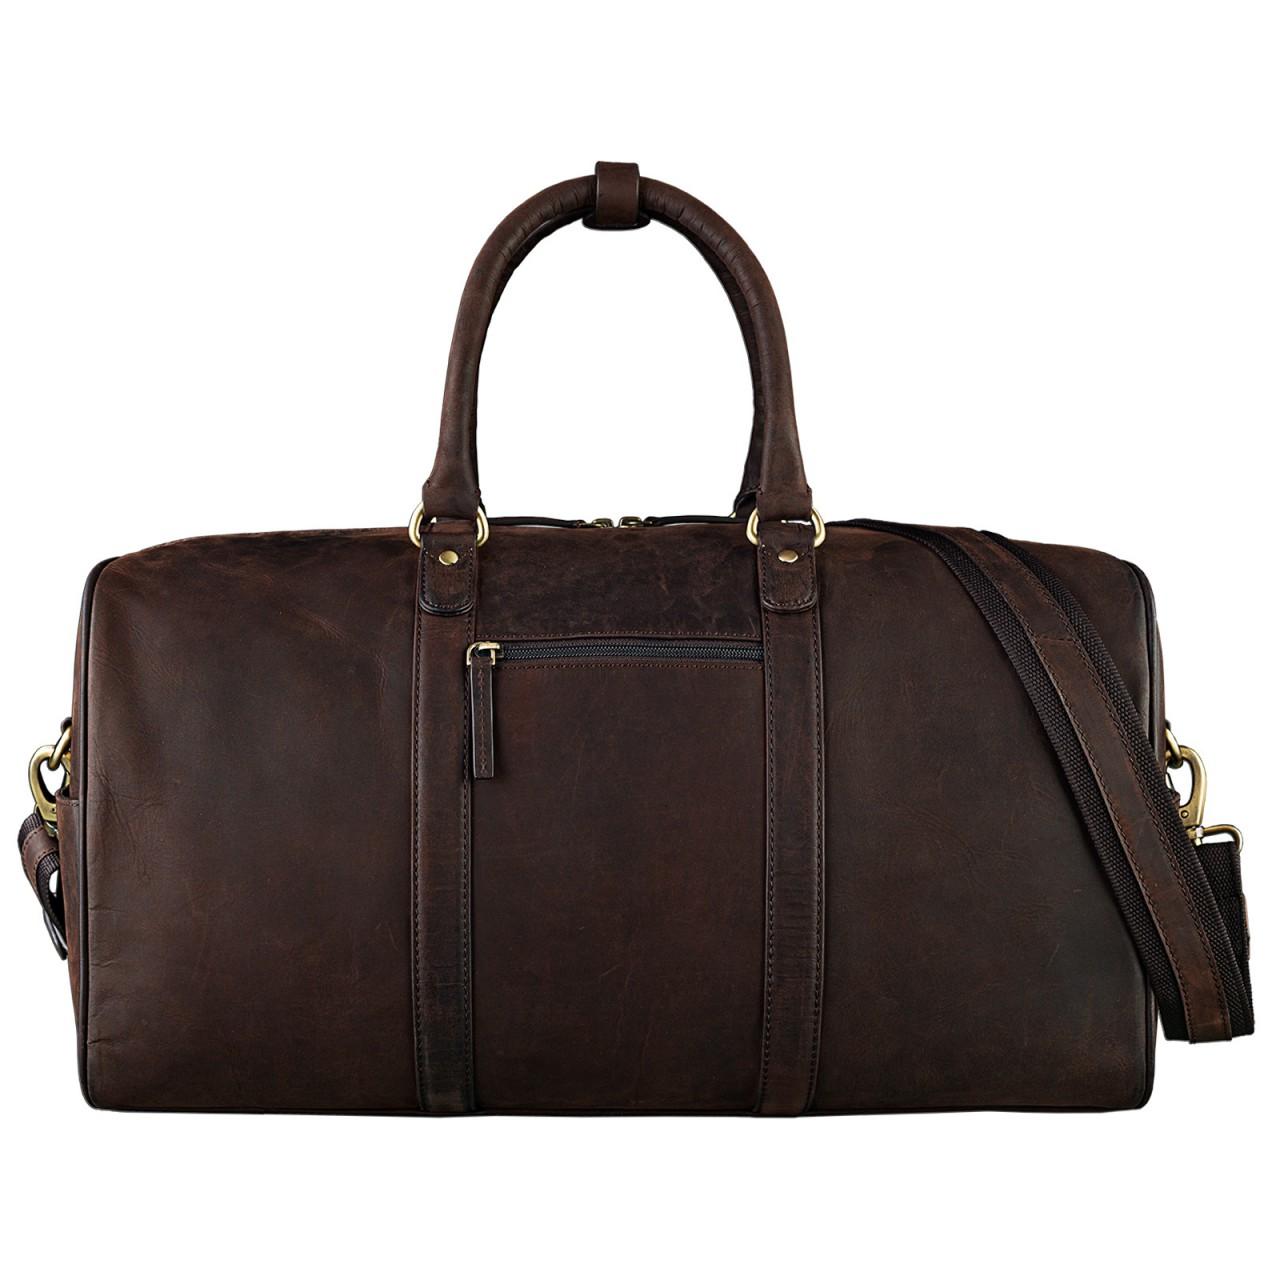 STILORD Elegante Vintage Reisetasche Umhängetasche Weekend Bag Handgepäck in Kabinengröße aus echtem Leder dunkelbraun - Bild 3